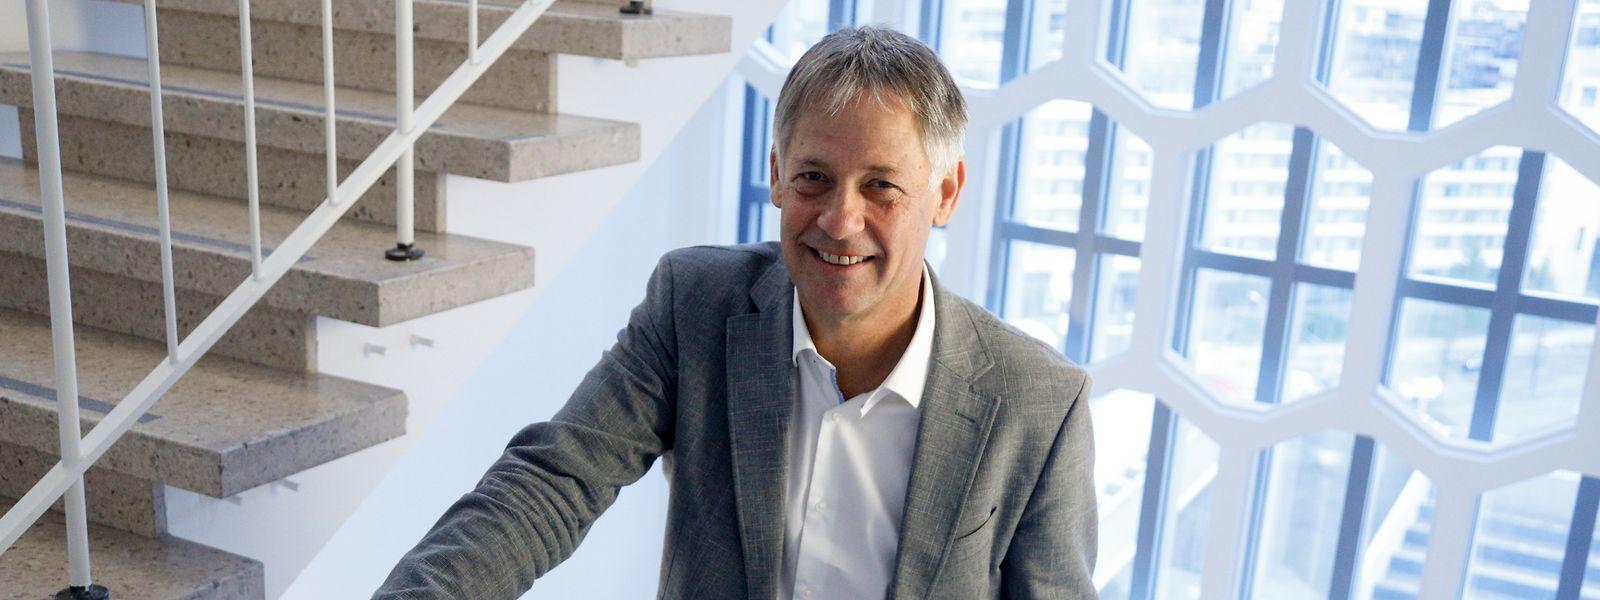 Henri Kox (58) im Treppenhaus des Wohnungsbauministeriums, in dem er kürzlich sein Büro bezogen hat.